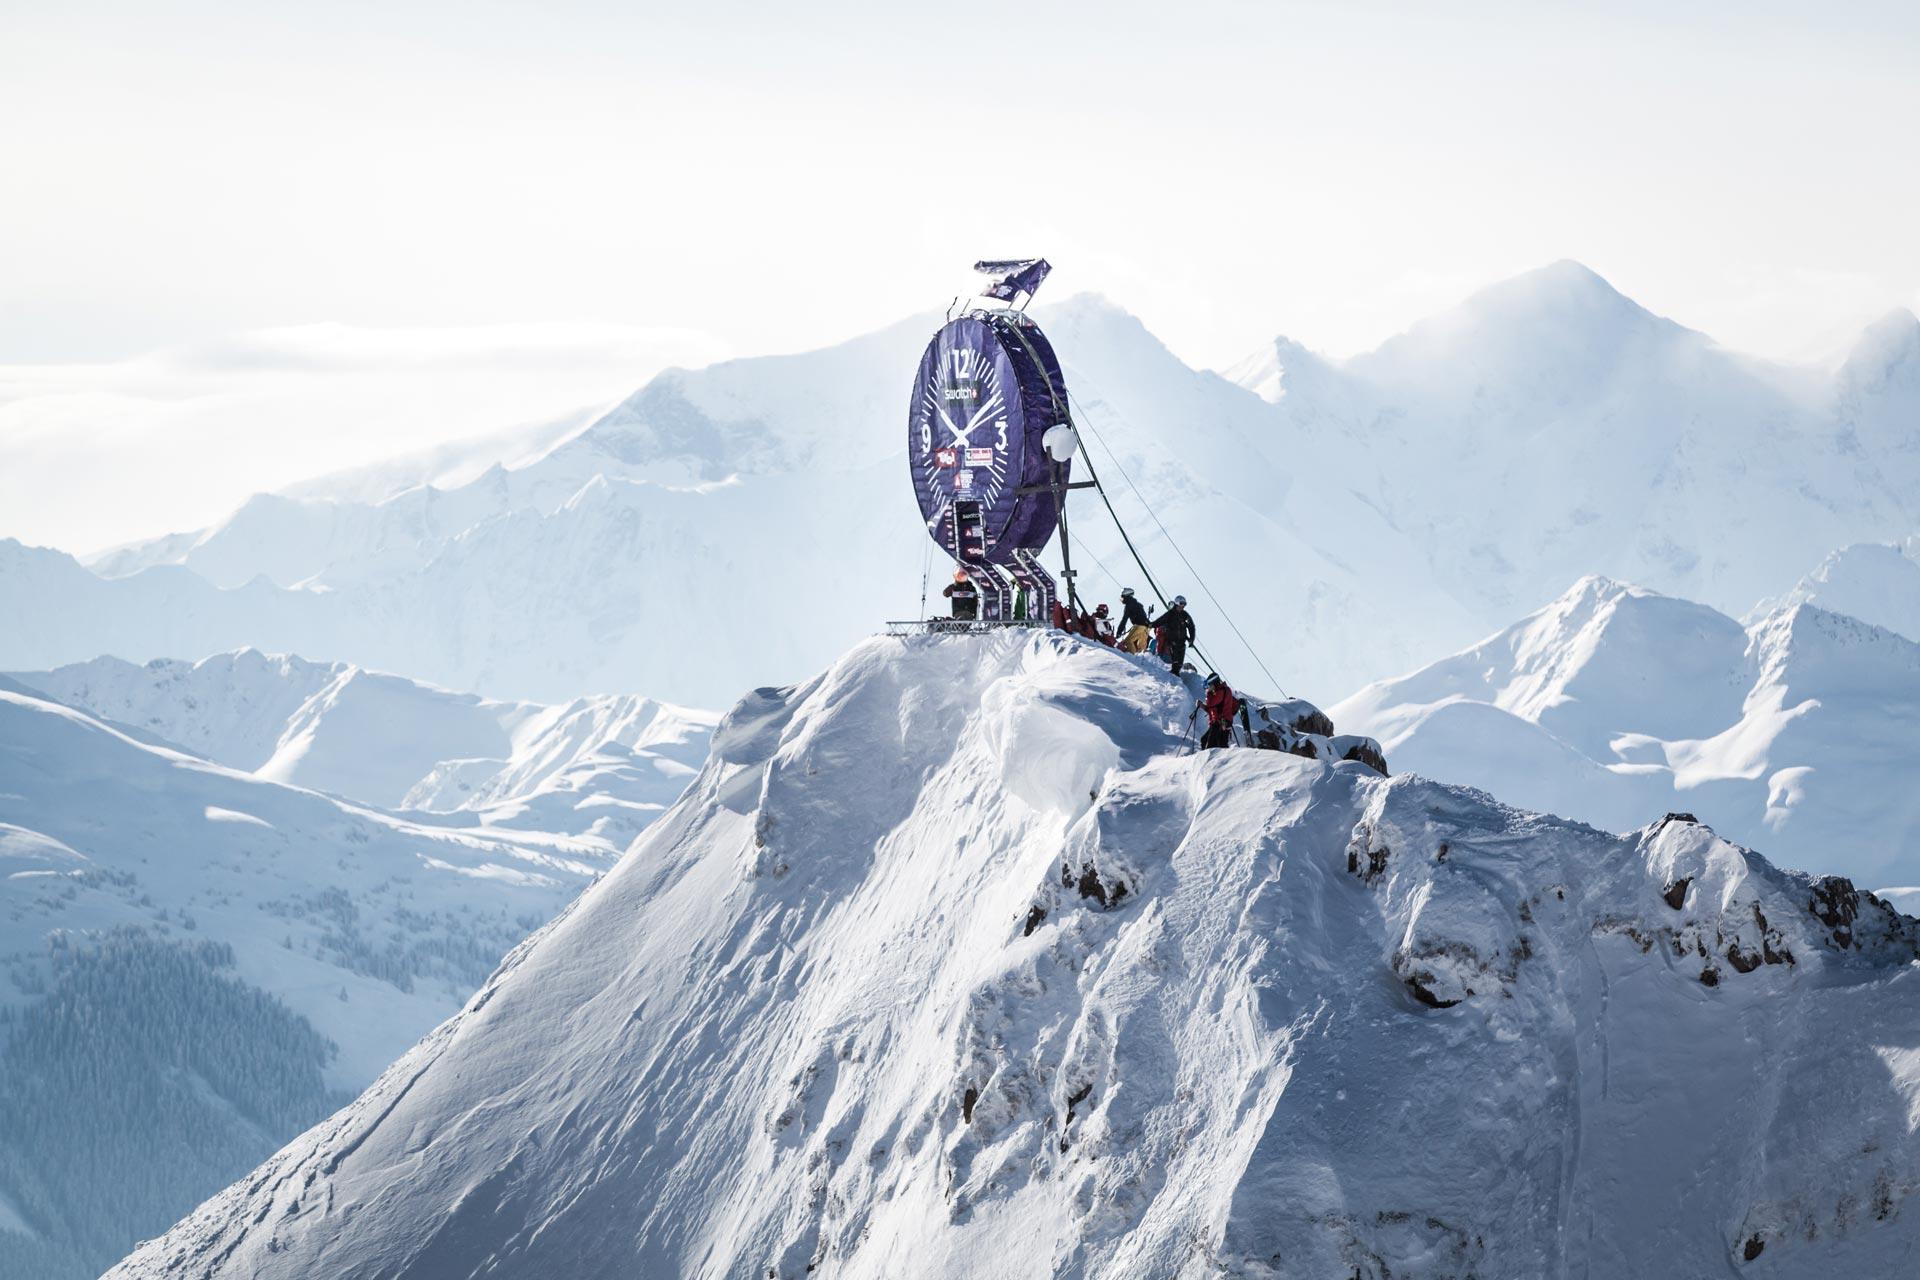 In Fierberbrunn müssen die Rider ein Face mit bis zu 70 Grad Neigung und mit 600 Höhenmetern bezwingen - Foto: M. Knoll / freerideworldtour.com